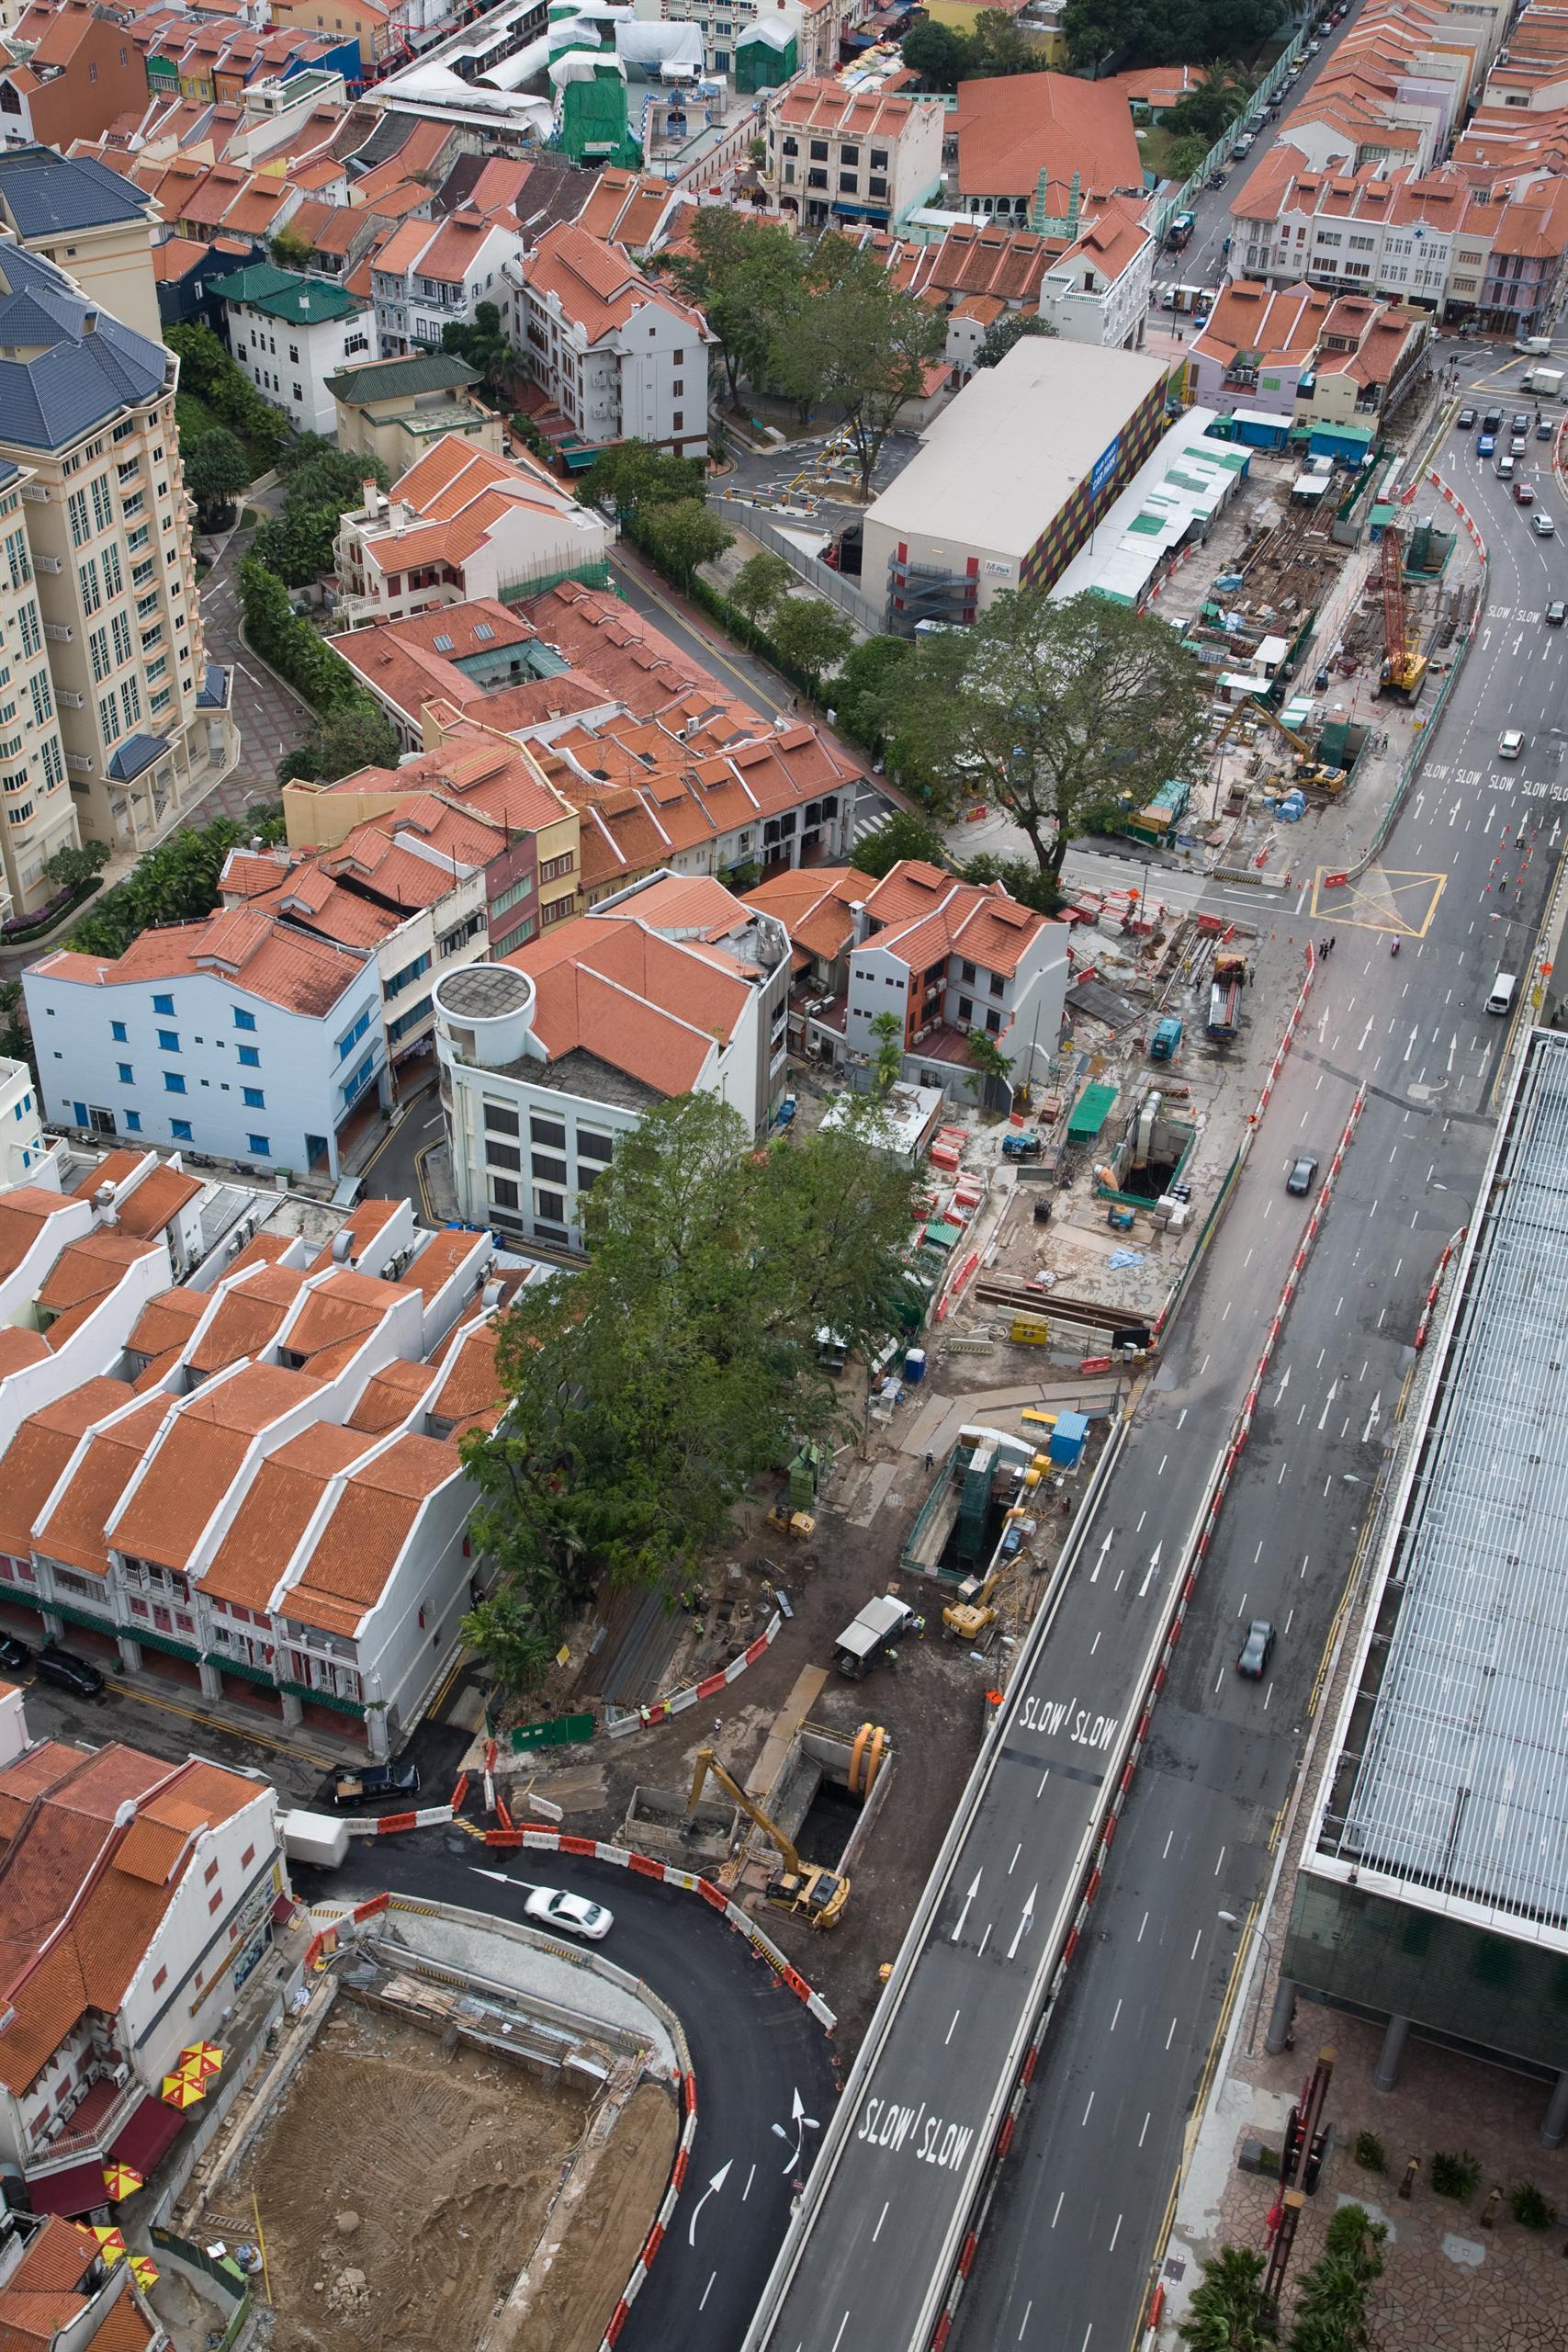 Aerial view of underground station under construction